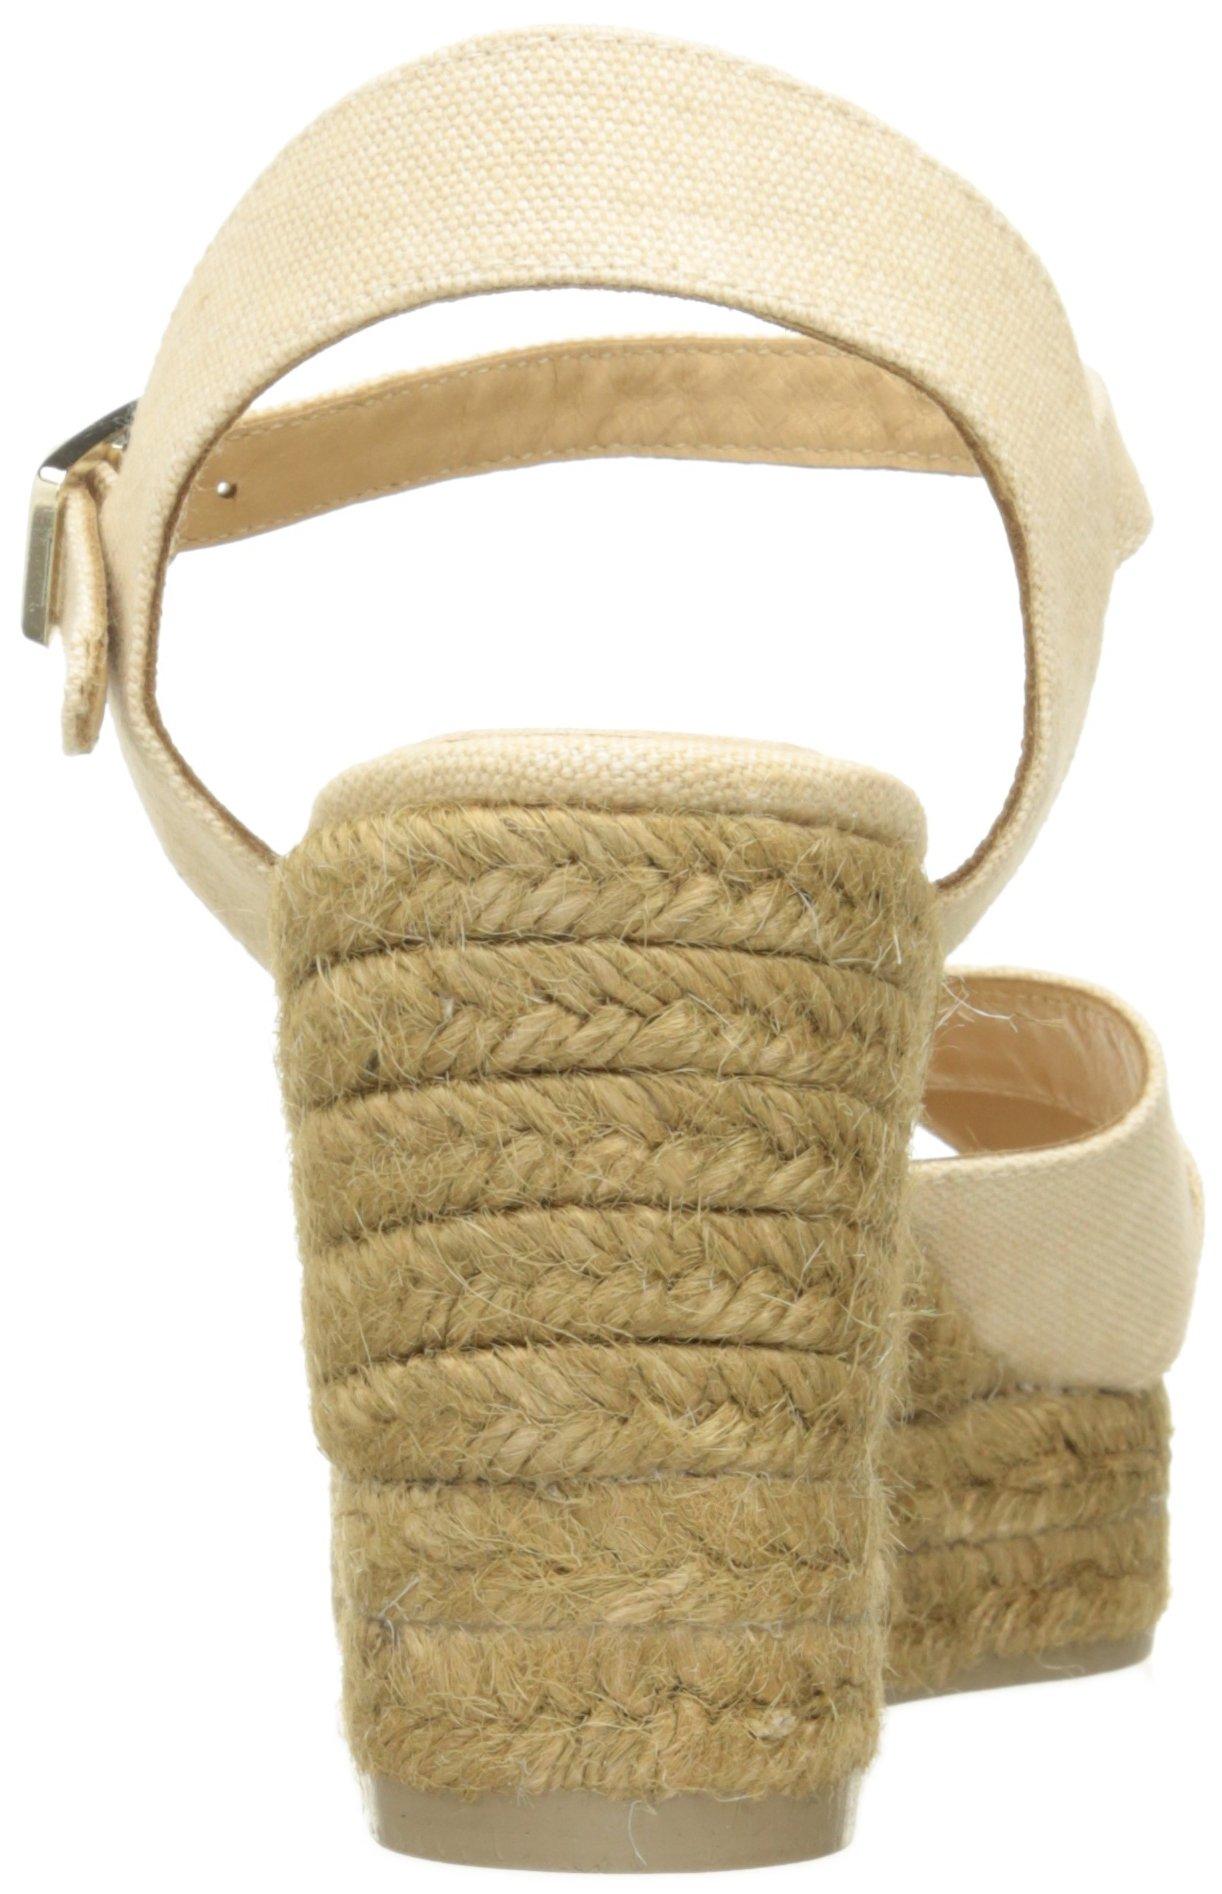 Castaner Women's Blaudell Platform Sandal, Nude (Beige), 37 EU/6.5 N US by Castaner (Image #2)